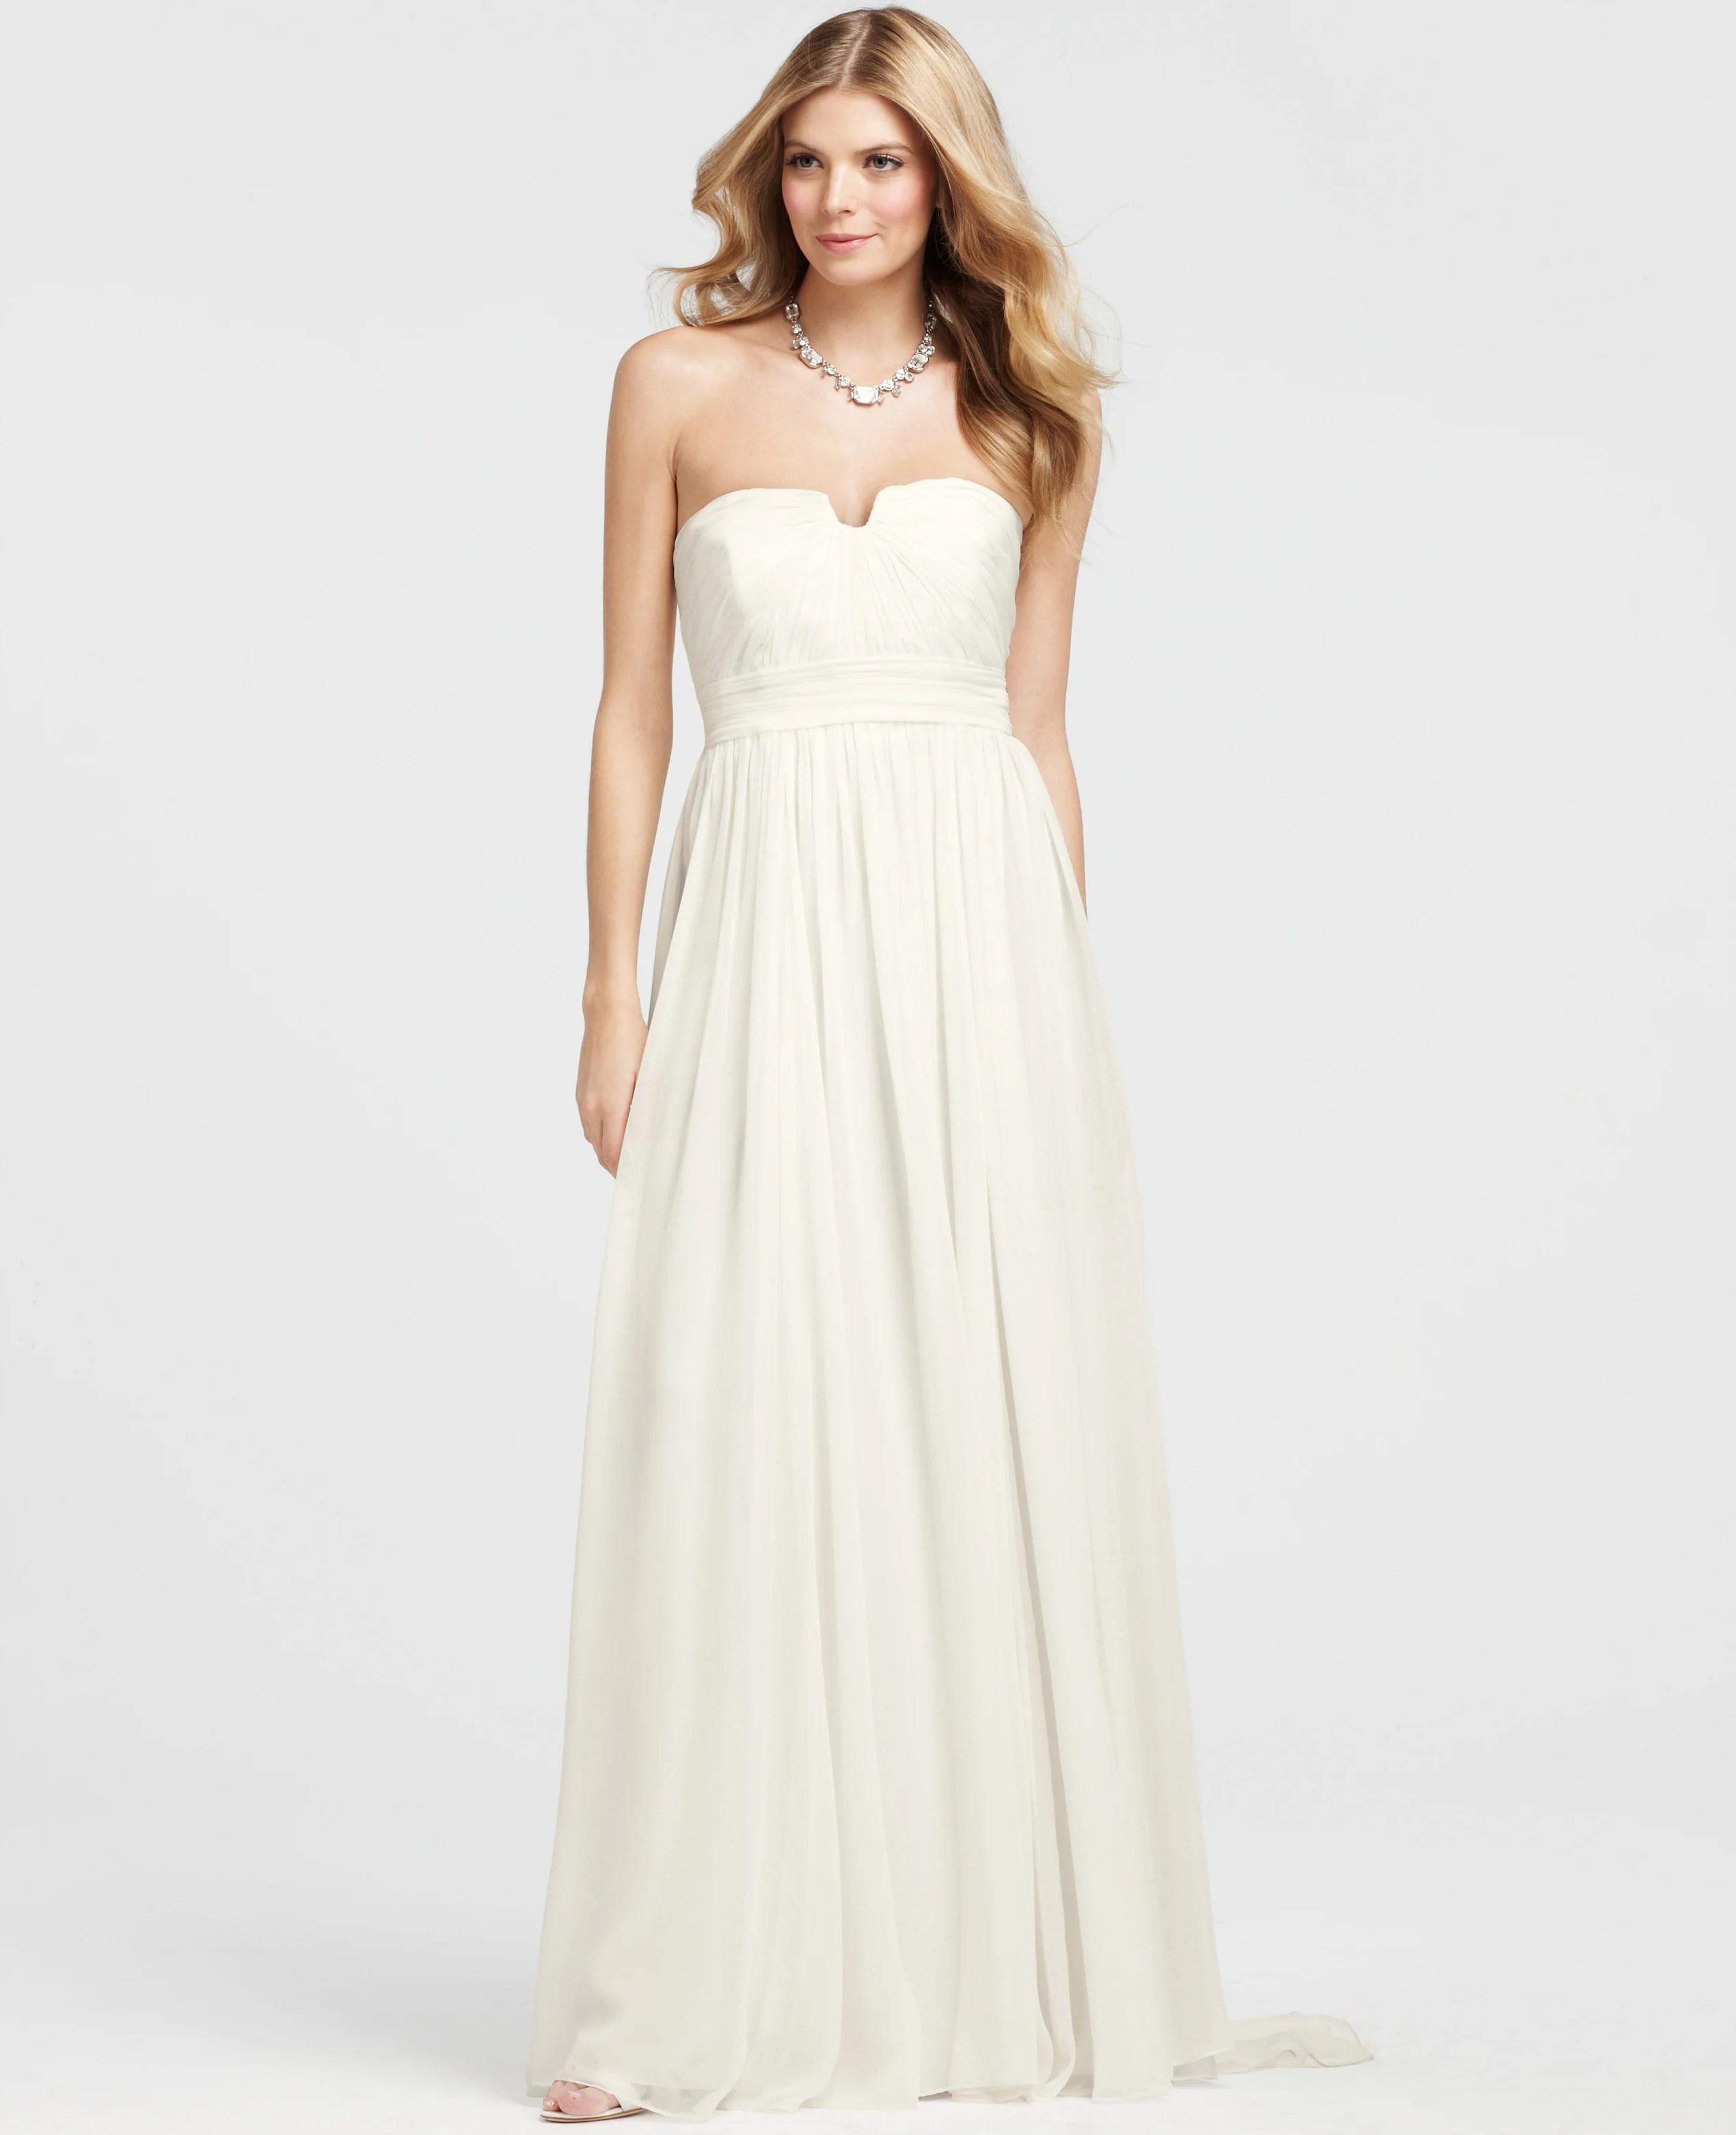 Ann taylor Vintage Silk Strapless Wedding Dress in White